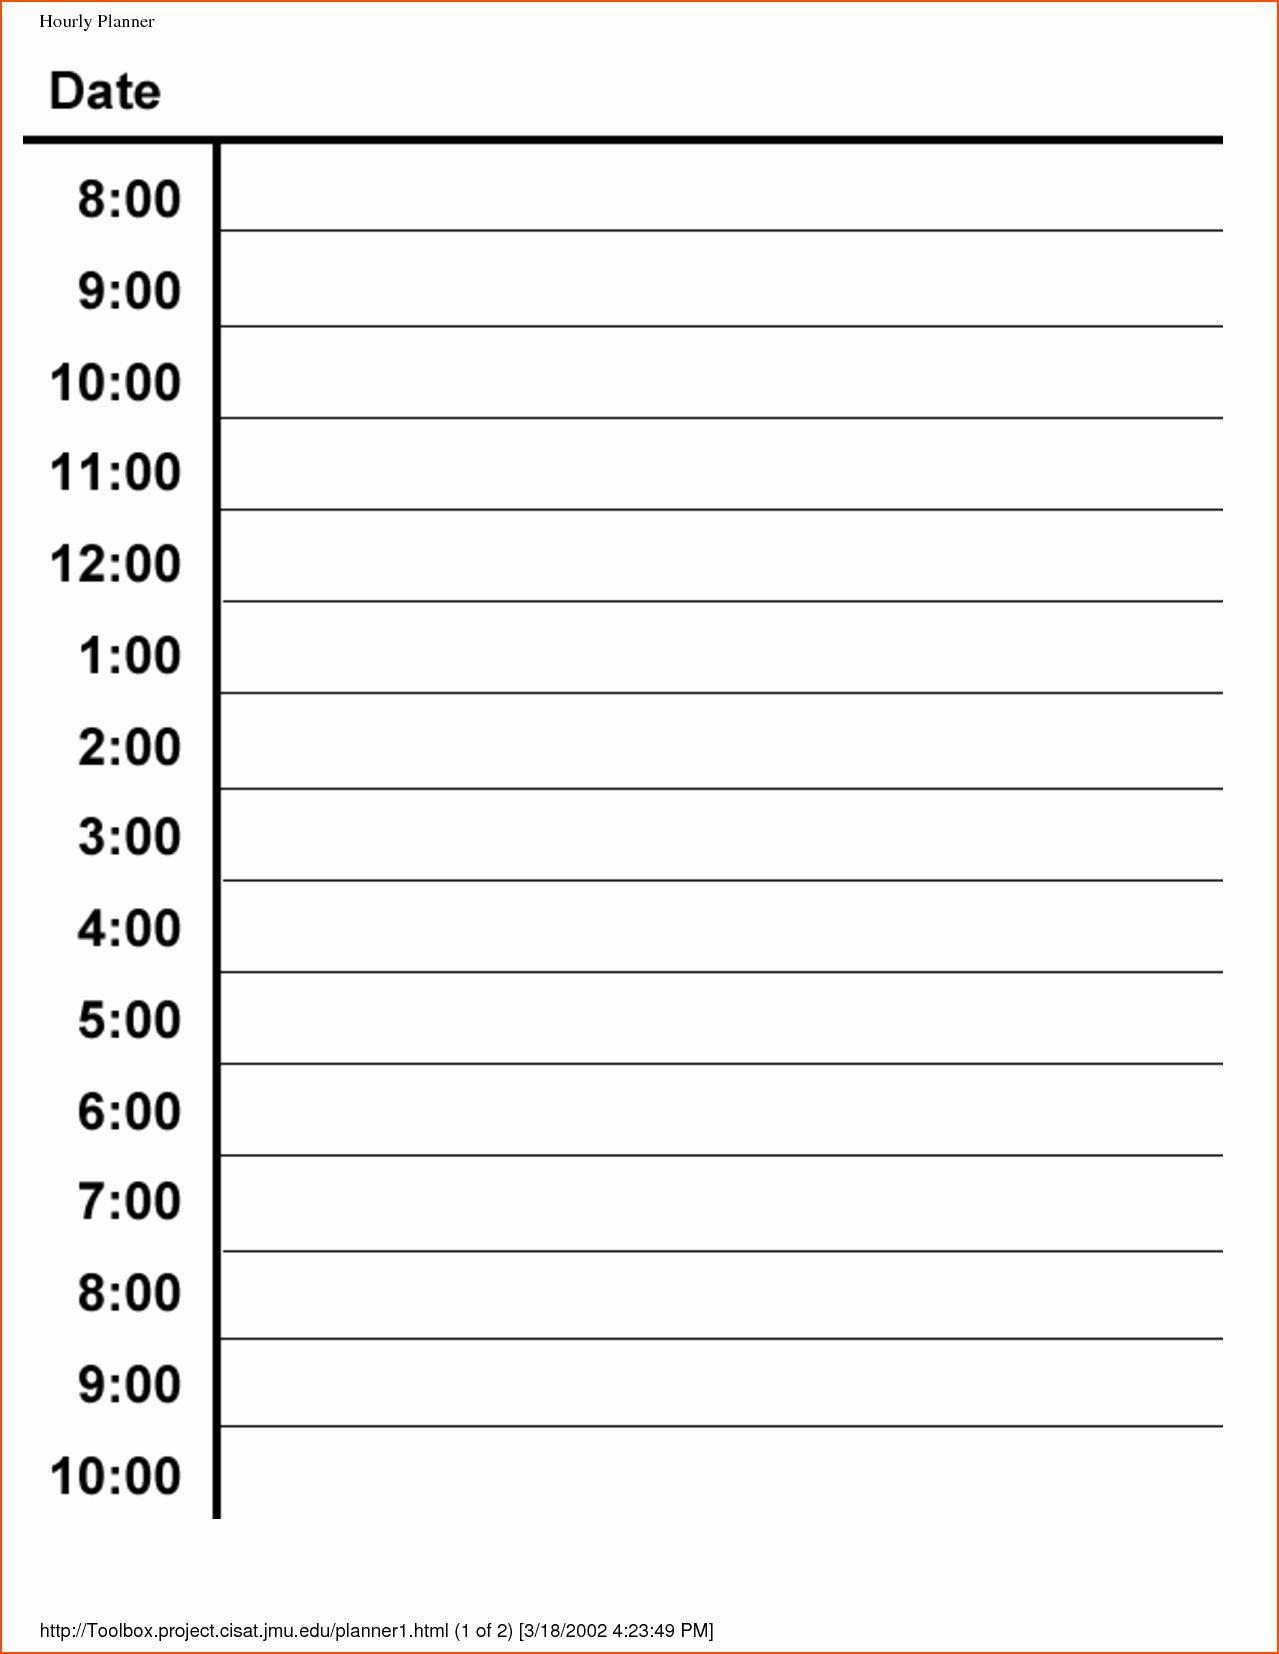 Jmu Calendar 2022 2023.Weekly Hourly Planner Template Elegant 6 Hourly Planner Bookletemplate Daily Schedule Template Daily Calendar Template Hourly Planner